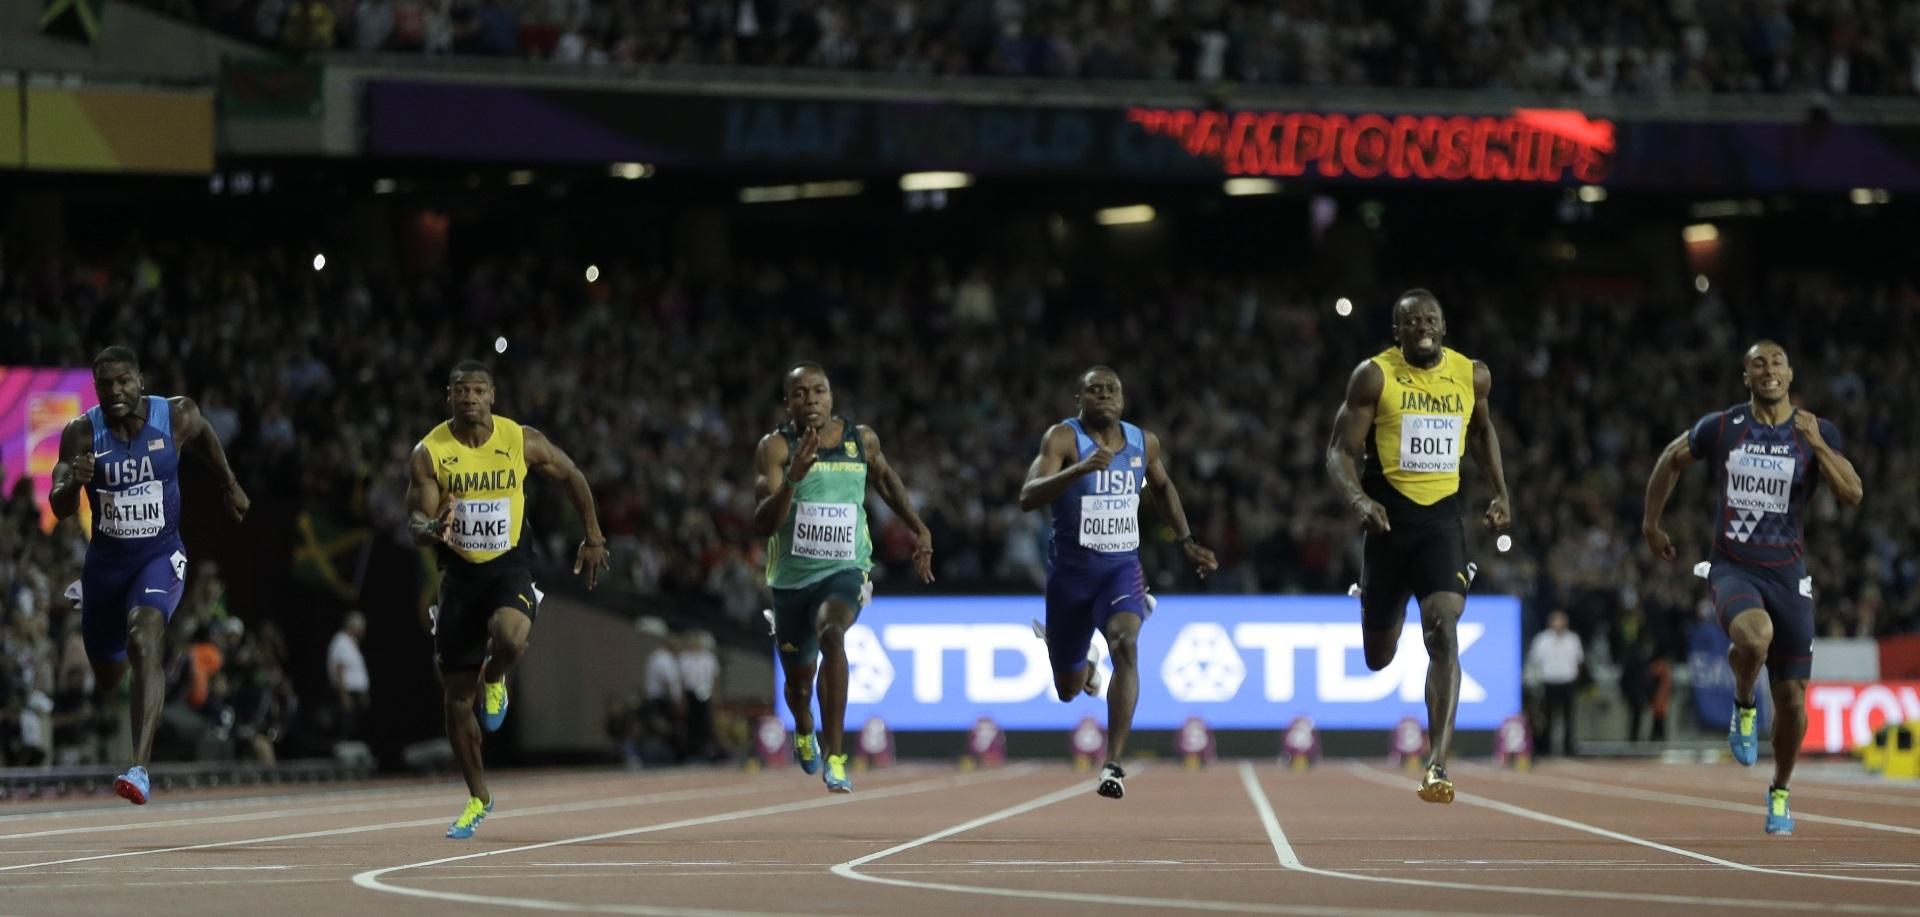 Gatlin ganó con un tiempo de 9.92 segundos, seguido por Coleman (9.94) y Bolt (9.95)